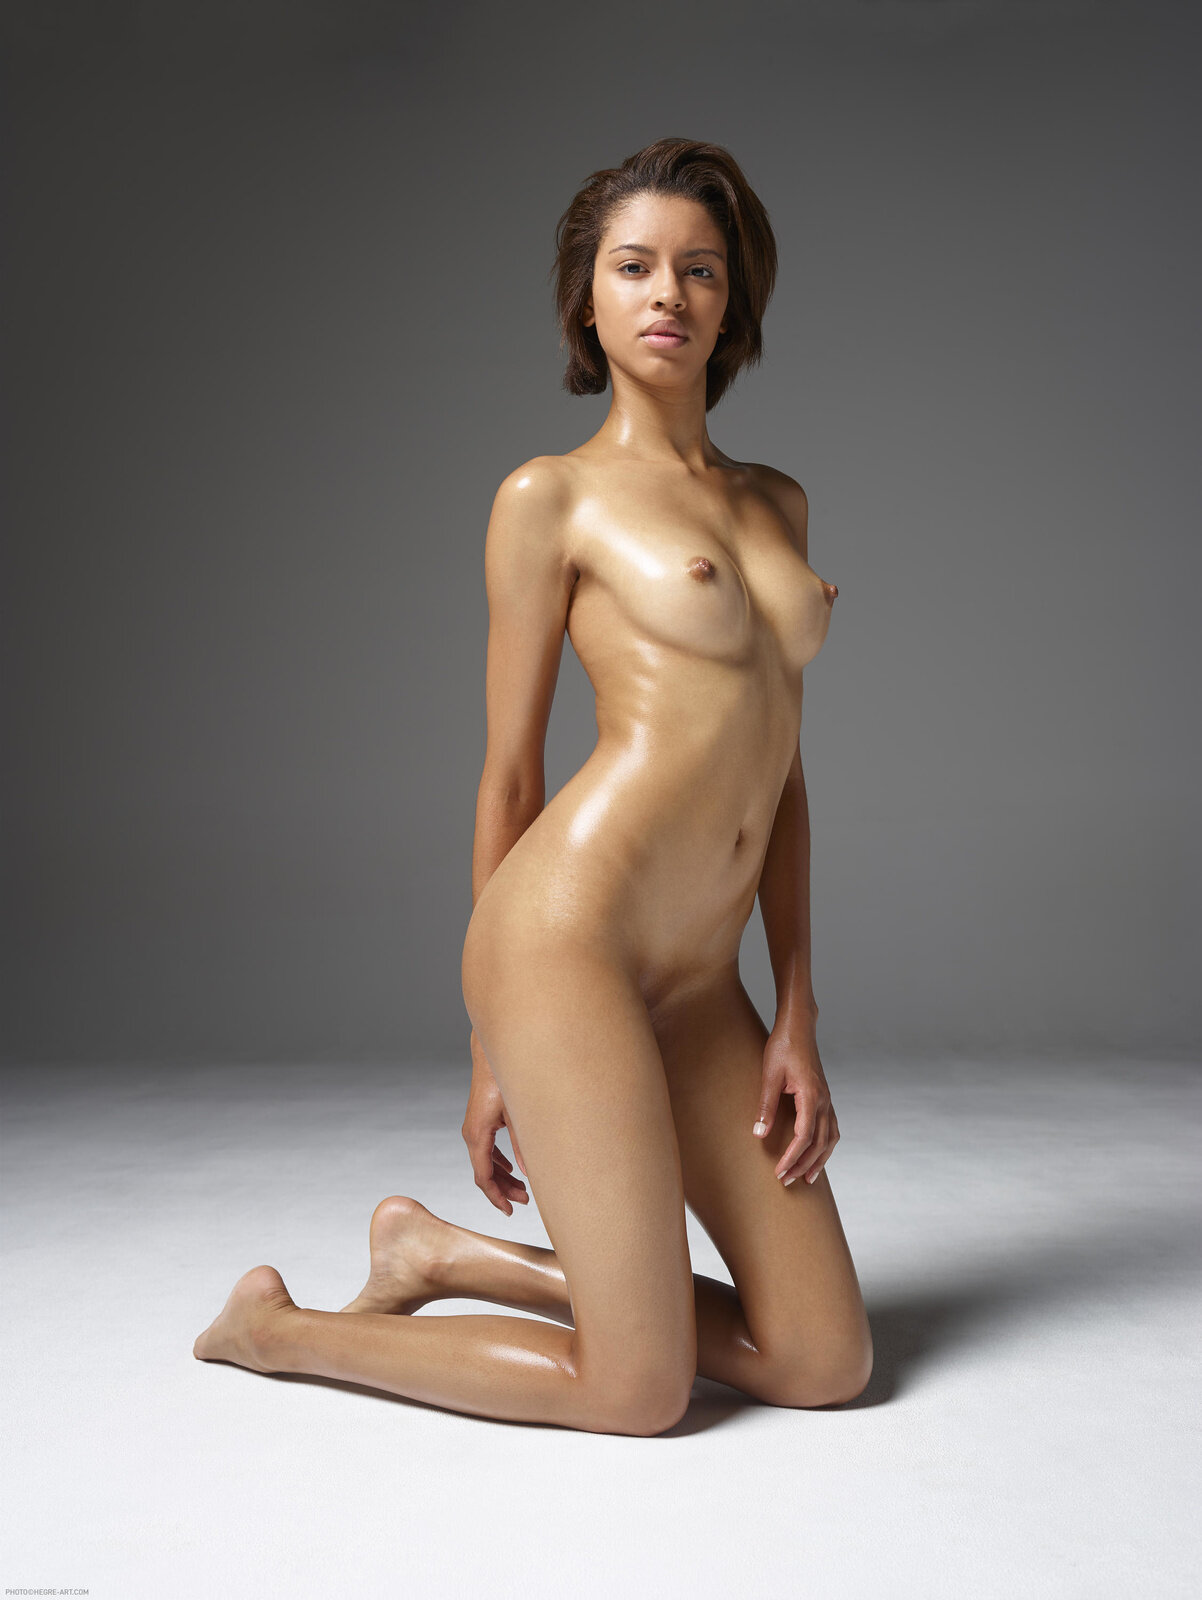 Kasia In Shiny Fantasy By Hegre-Art 16 Photos  Erotic -9213